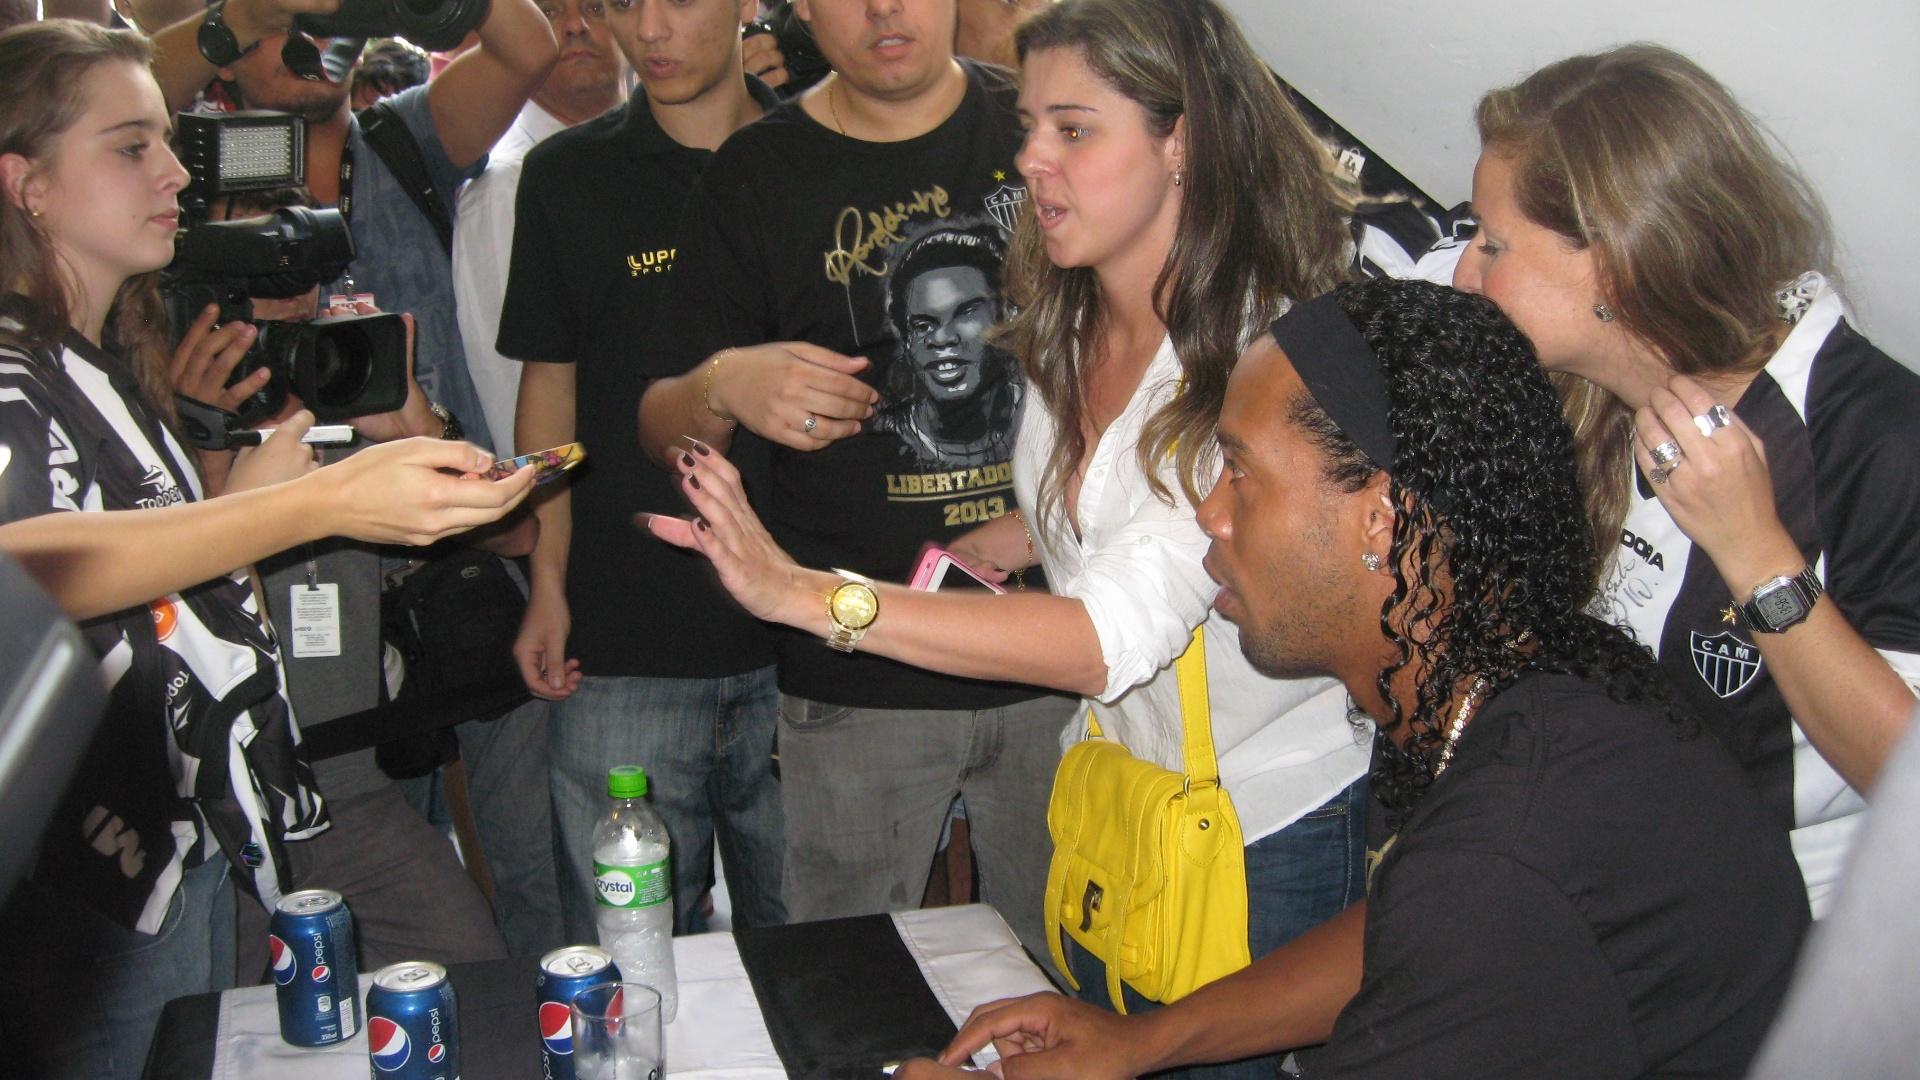 29/04/2013 - Ronaldinho Gaúcho cercado por fãs durante lançamento de produtos com sua marca